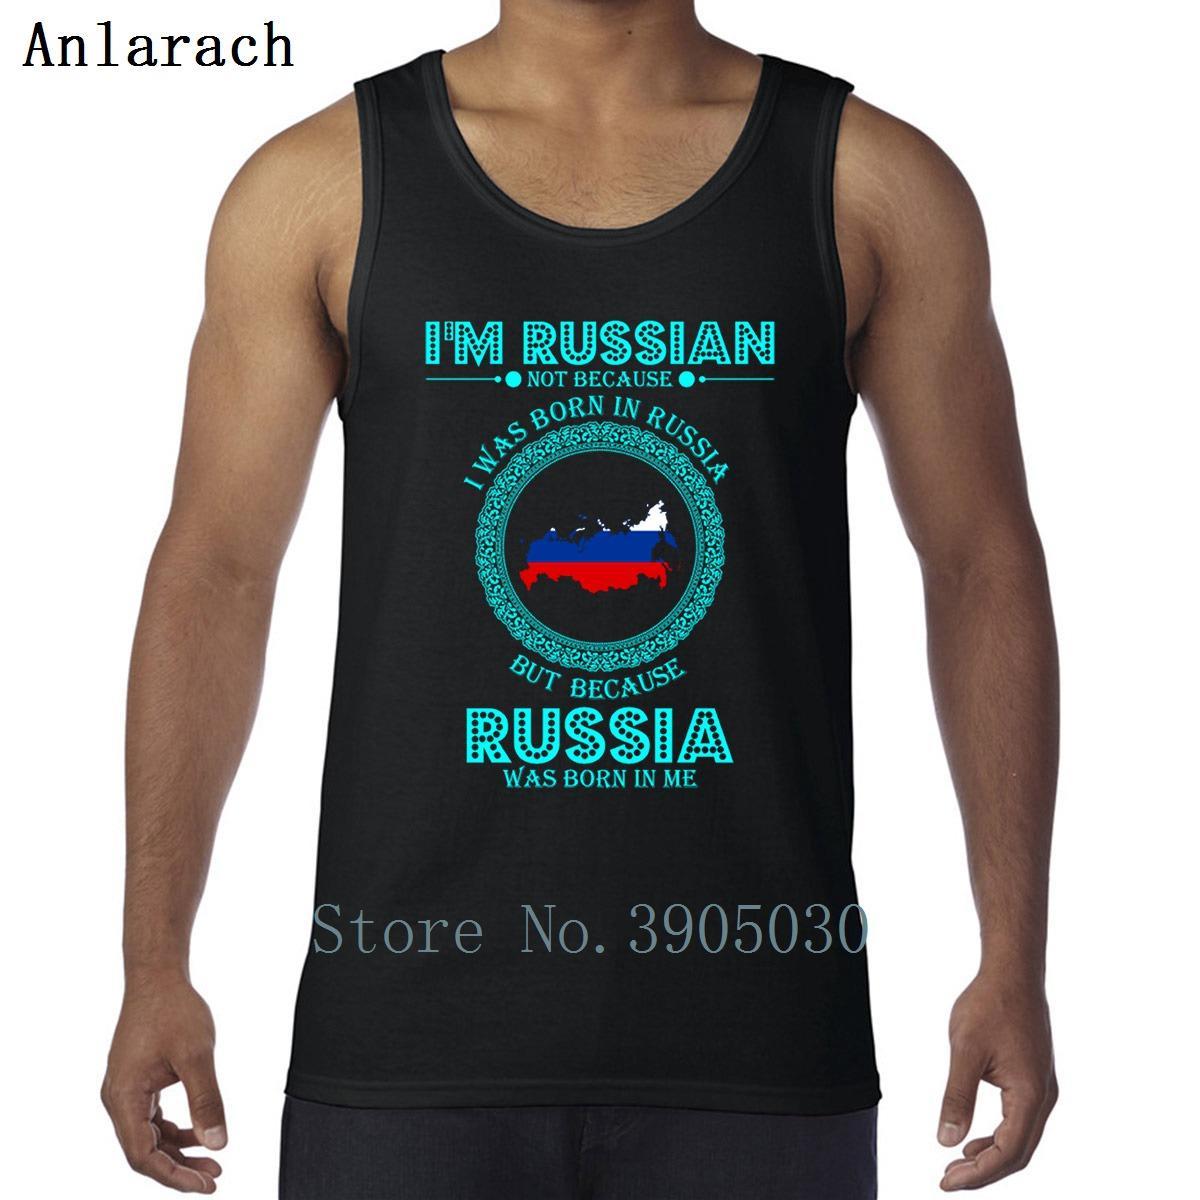 Je suis Russe Non Parce que je suis né en Russie Vest Printemps Automne unisexe sport Débardeur Homme Personnaliser Taille Plus 3XL Funky